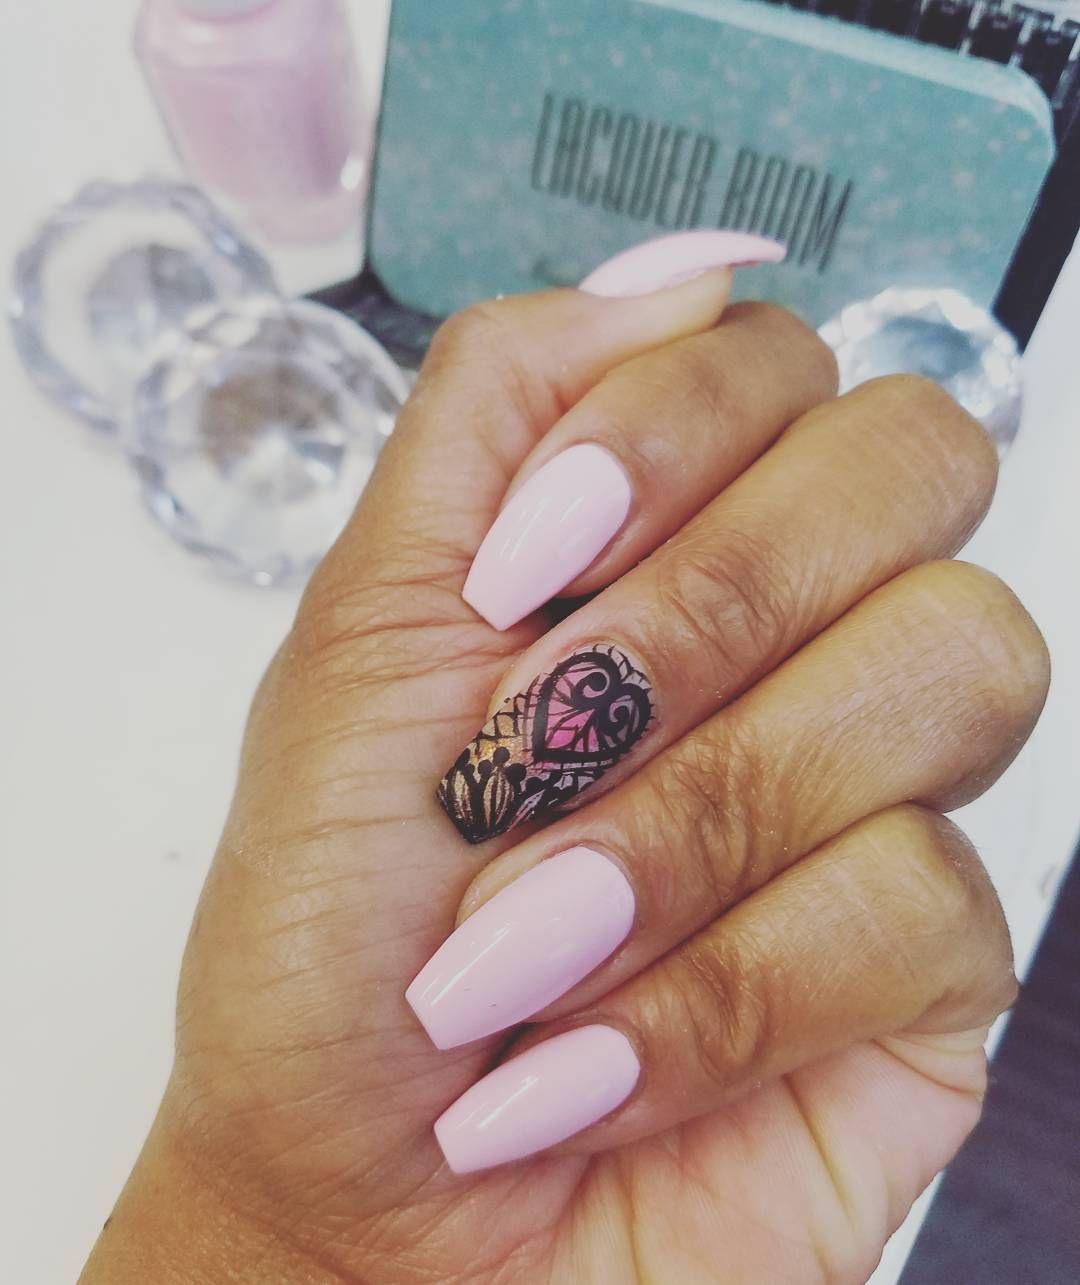 #LacquerRoom #nails #nailart #nailswag #naildesigns #nailstagram #freehand #coffinnails #abstractart #lace #bronxnailsalons #FunkyNailPolish